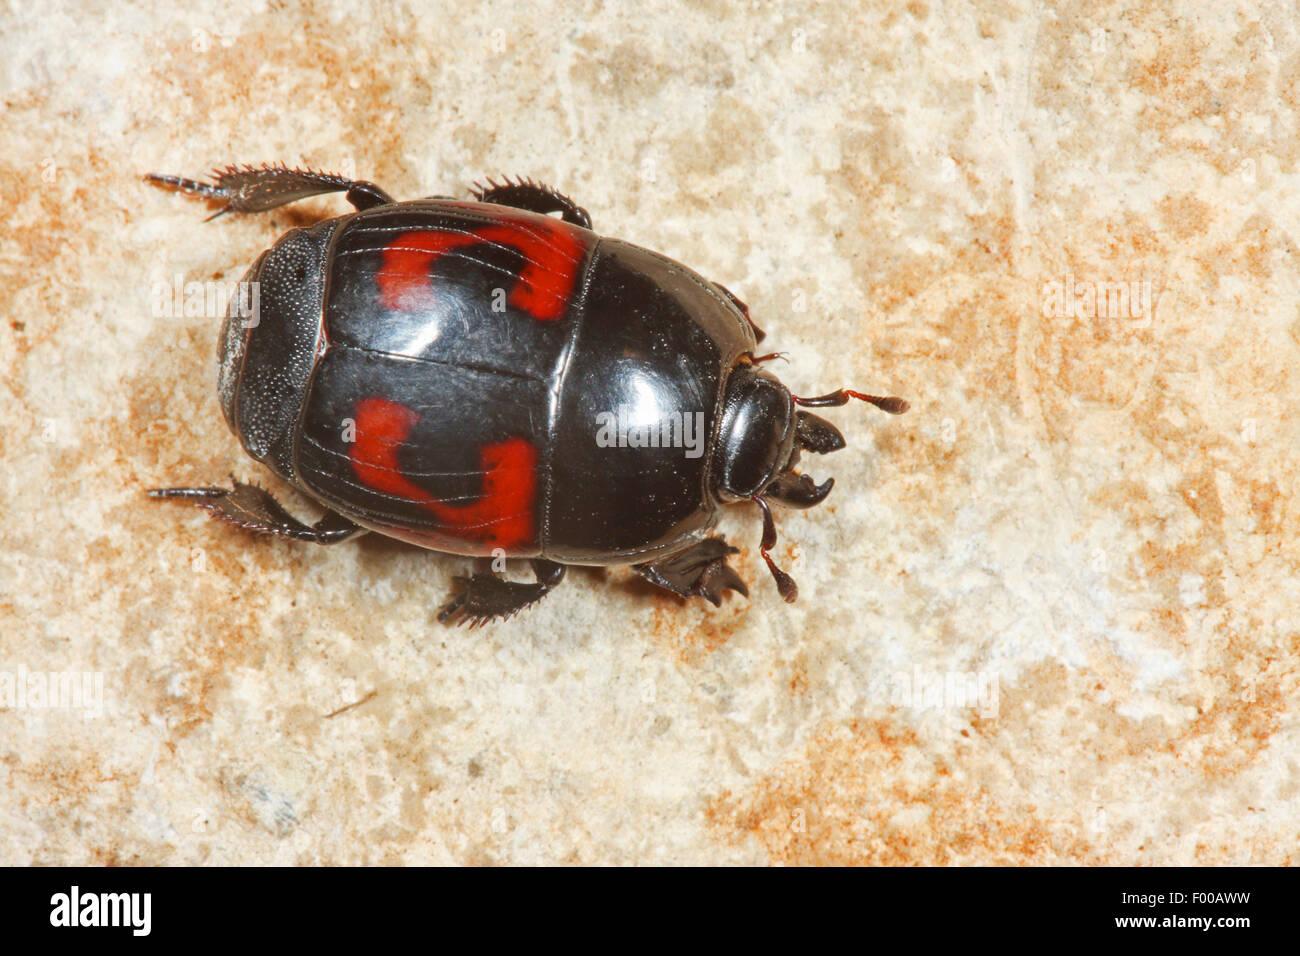 Lunar gefleckte mimischen Käfer, Lunar-spotted imitieren Käfer (Hister Quadrimaculatus), auf einem Stein, Stockbild